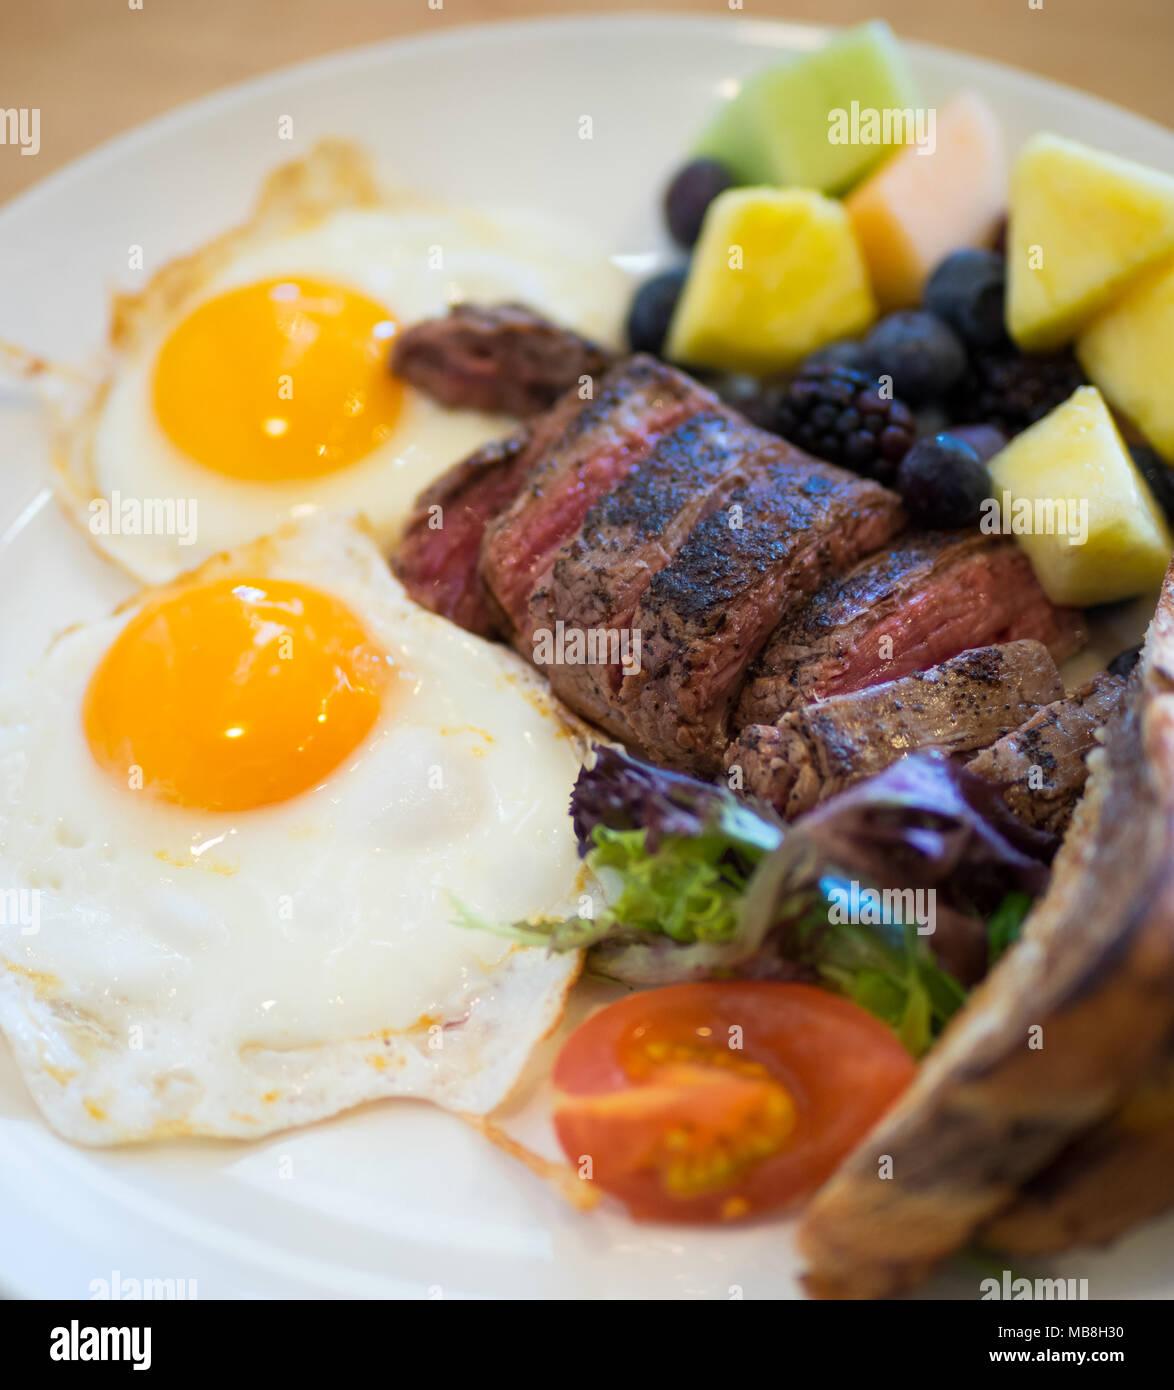 Steak huevos para desayunar en Natal Diner en Saskatoon, Canadá. Medio raro el flanco bistec, Sunny side up huevos, mármol centeno tostadas, fruta y foto. Imagen De Stock